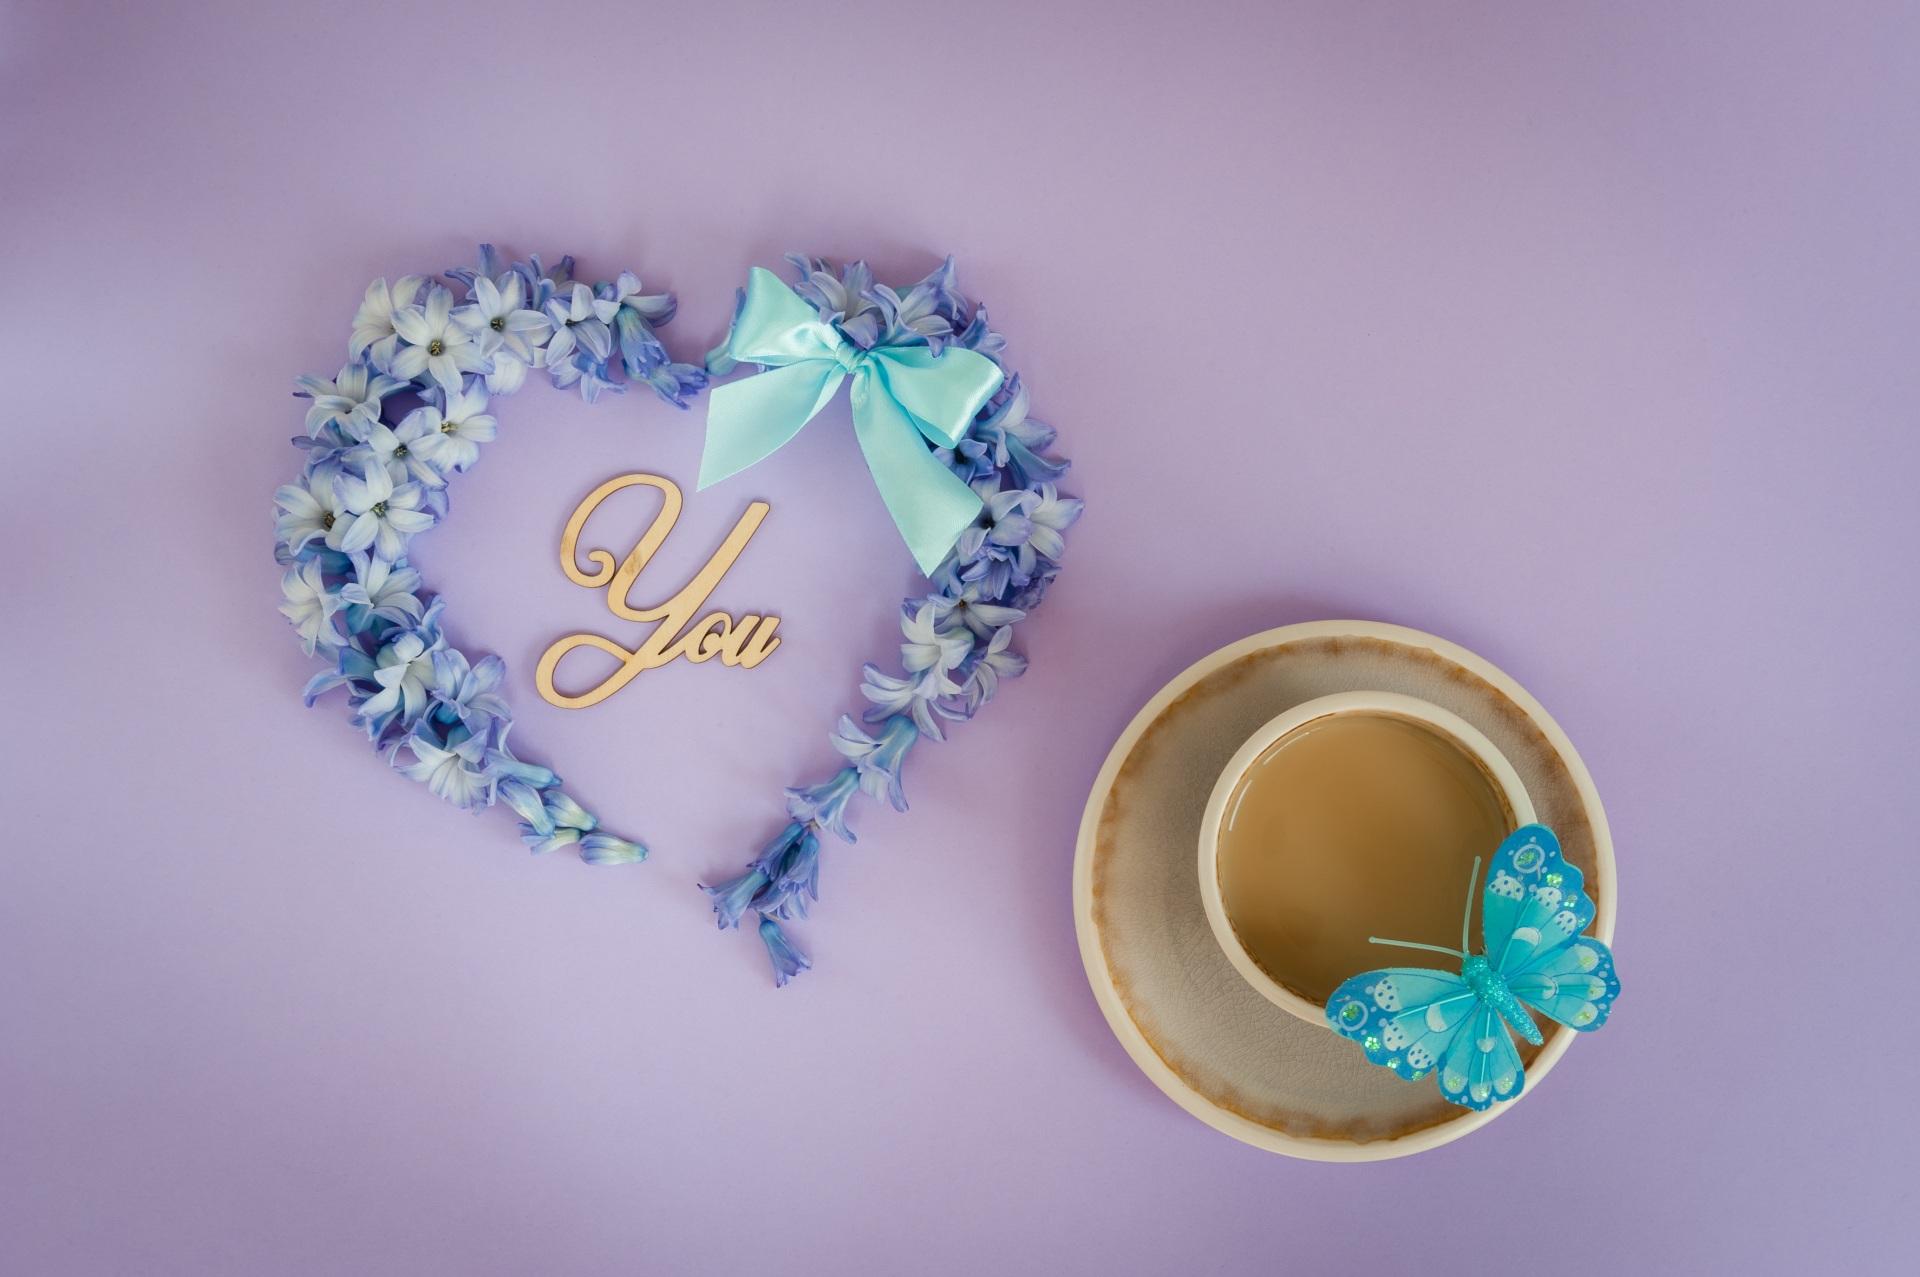 Обои для рабочего стола День святого Валентина бабочка Сердце чашке Бантик 1920x1277 День всех влюблённых Бабочки серце сердца сердечко бант Чашка бантики